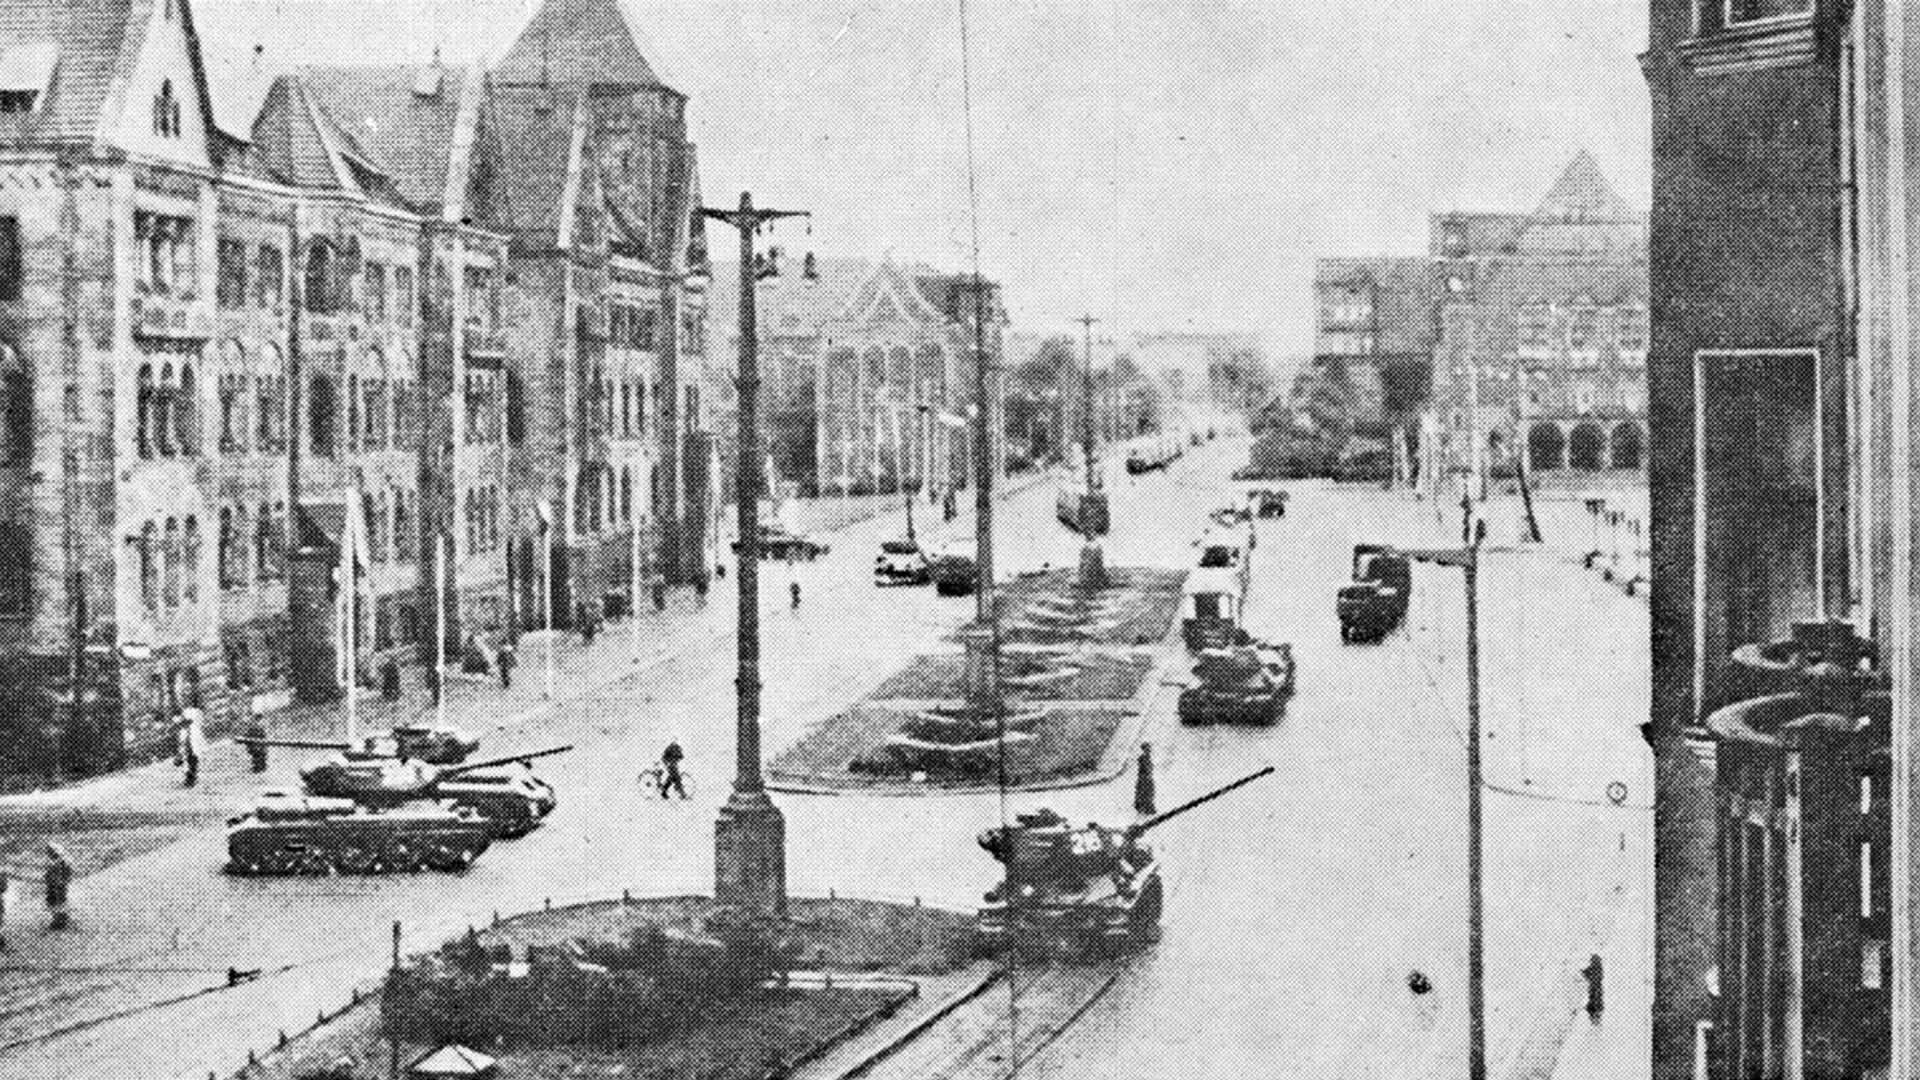 Czołgi podczas strajku generalnego w Poznaniu w 1956 roku. - Sputnik Polska, 1920, 28.06.2021